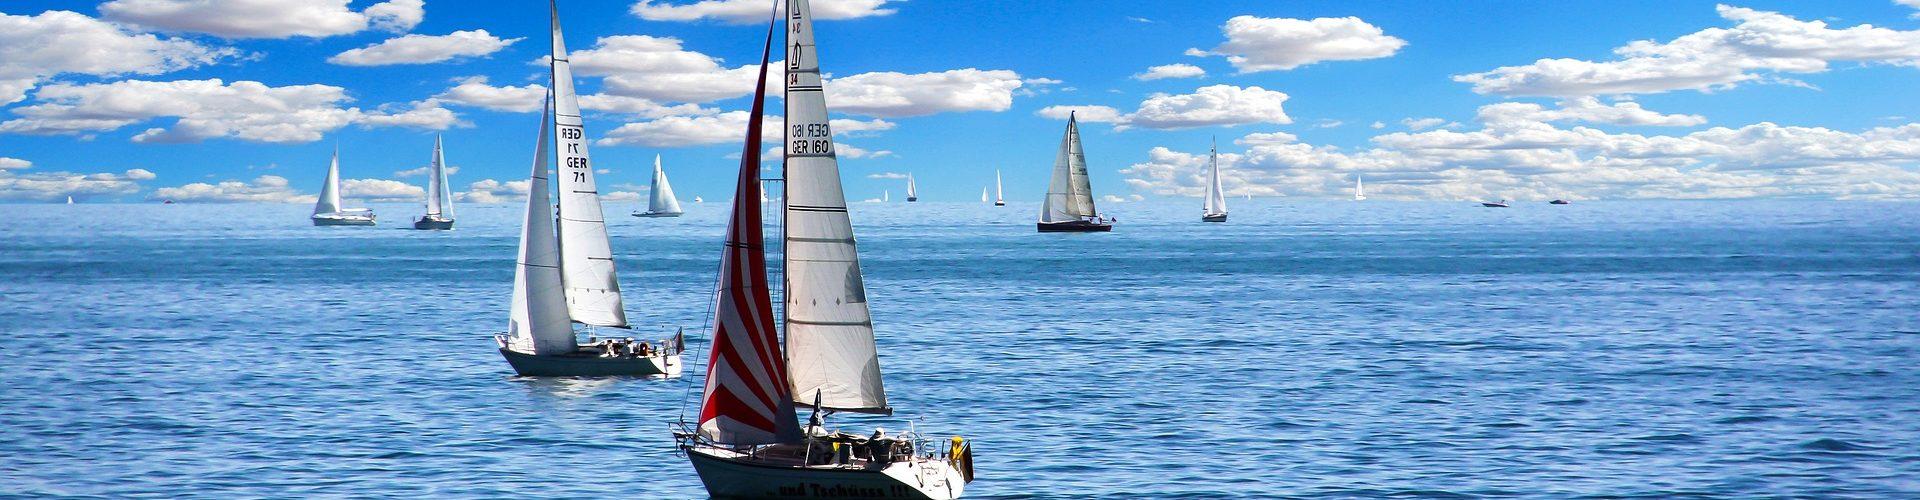 segeln lernen in Lohmar segelschein machen in Lohmar 1920x500 - Segeln lernen in Lohmar